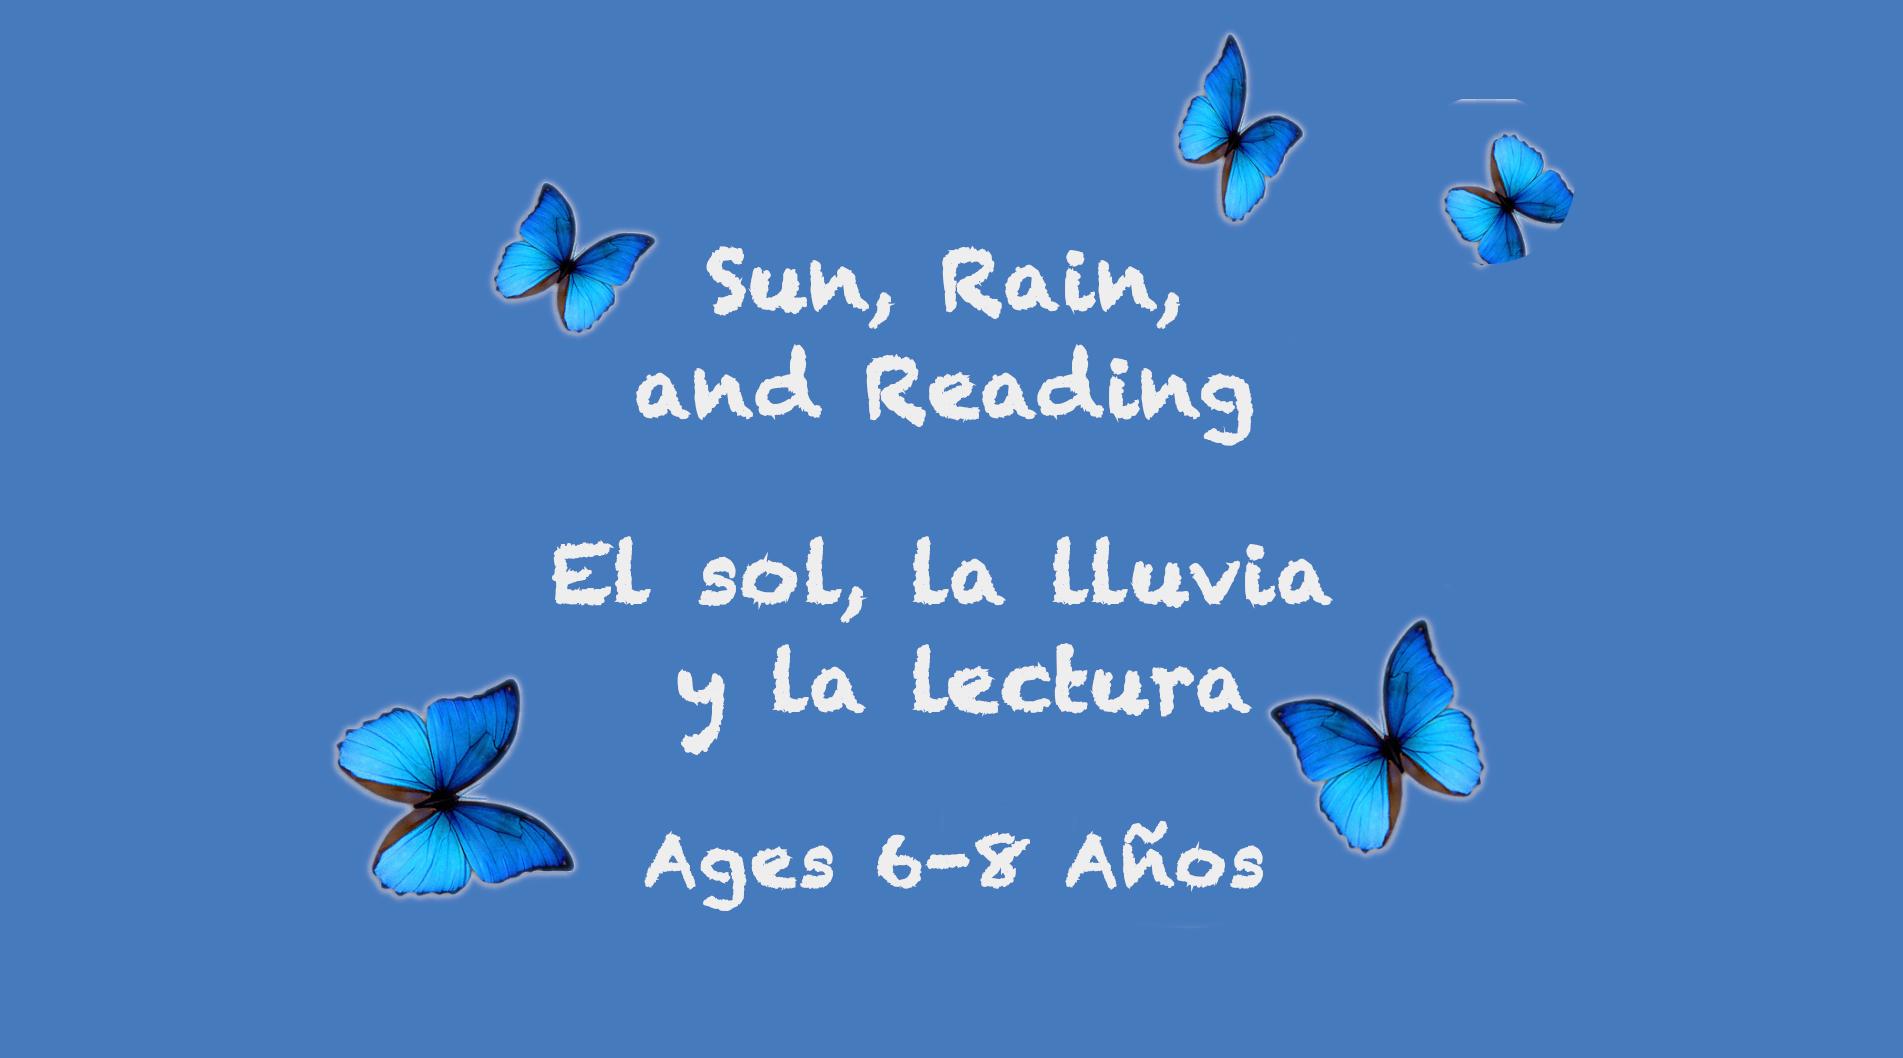 Temas semanales:  Sol, Lluvia y Lectura para 6-8 años